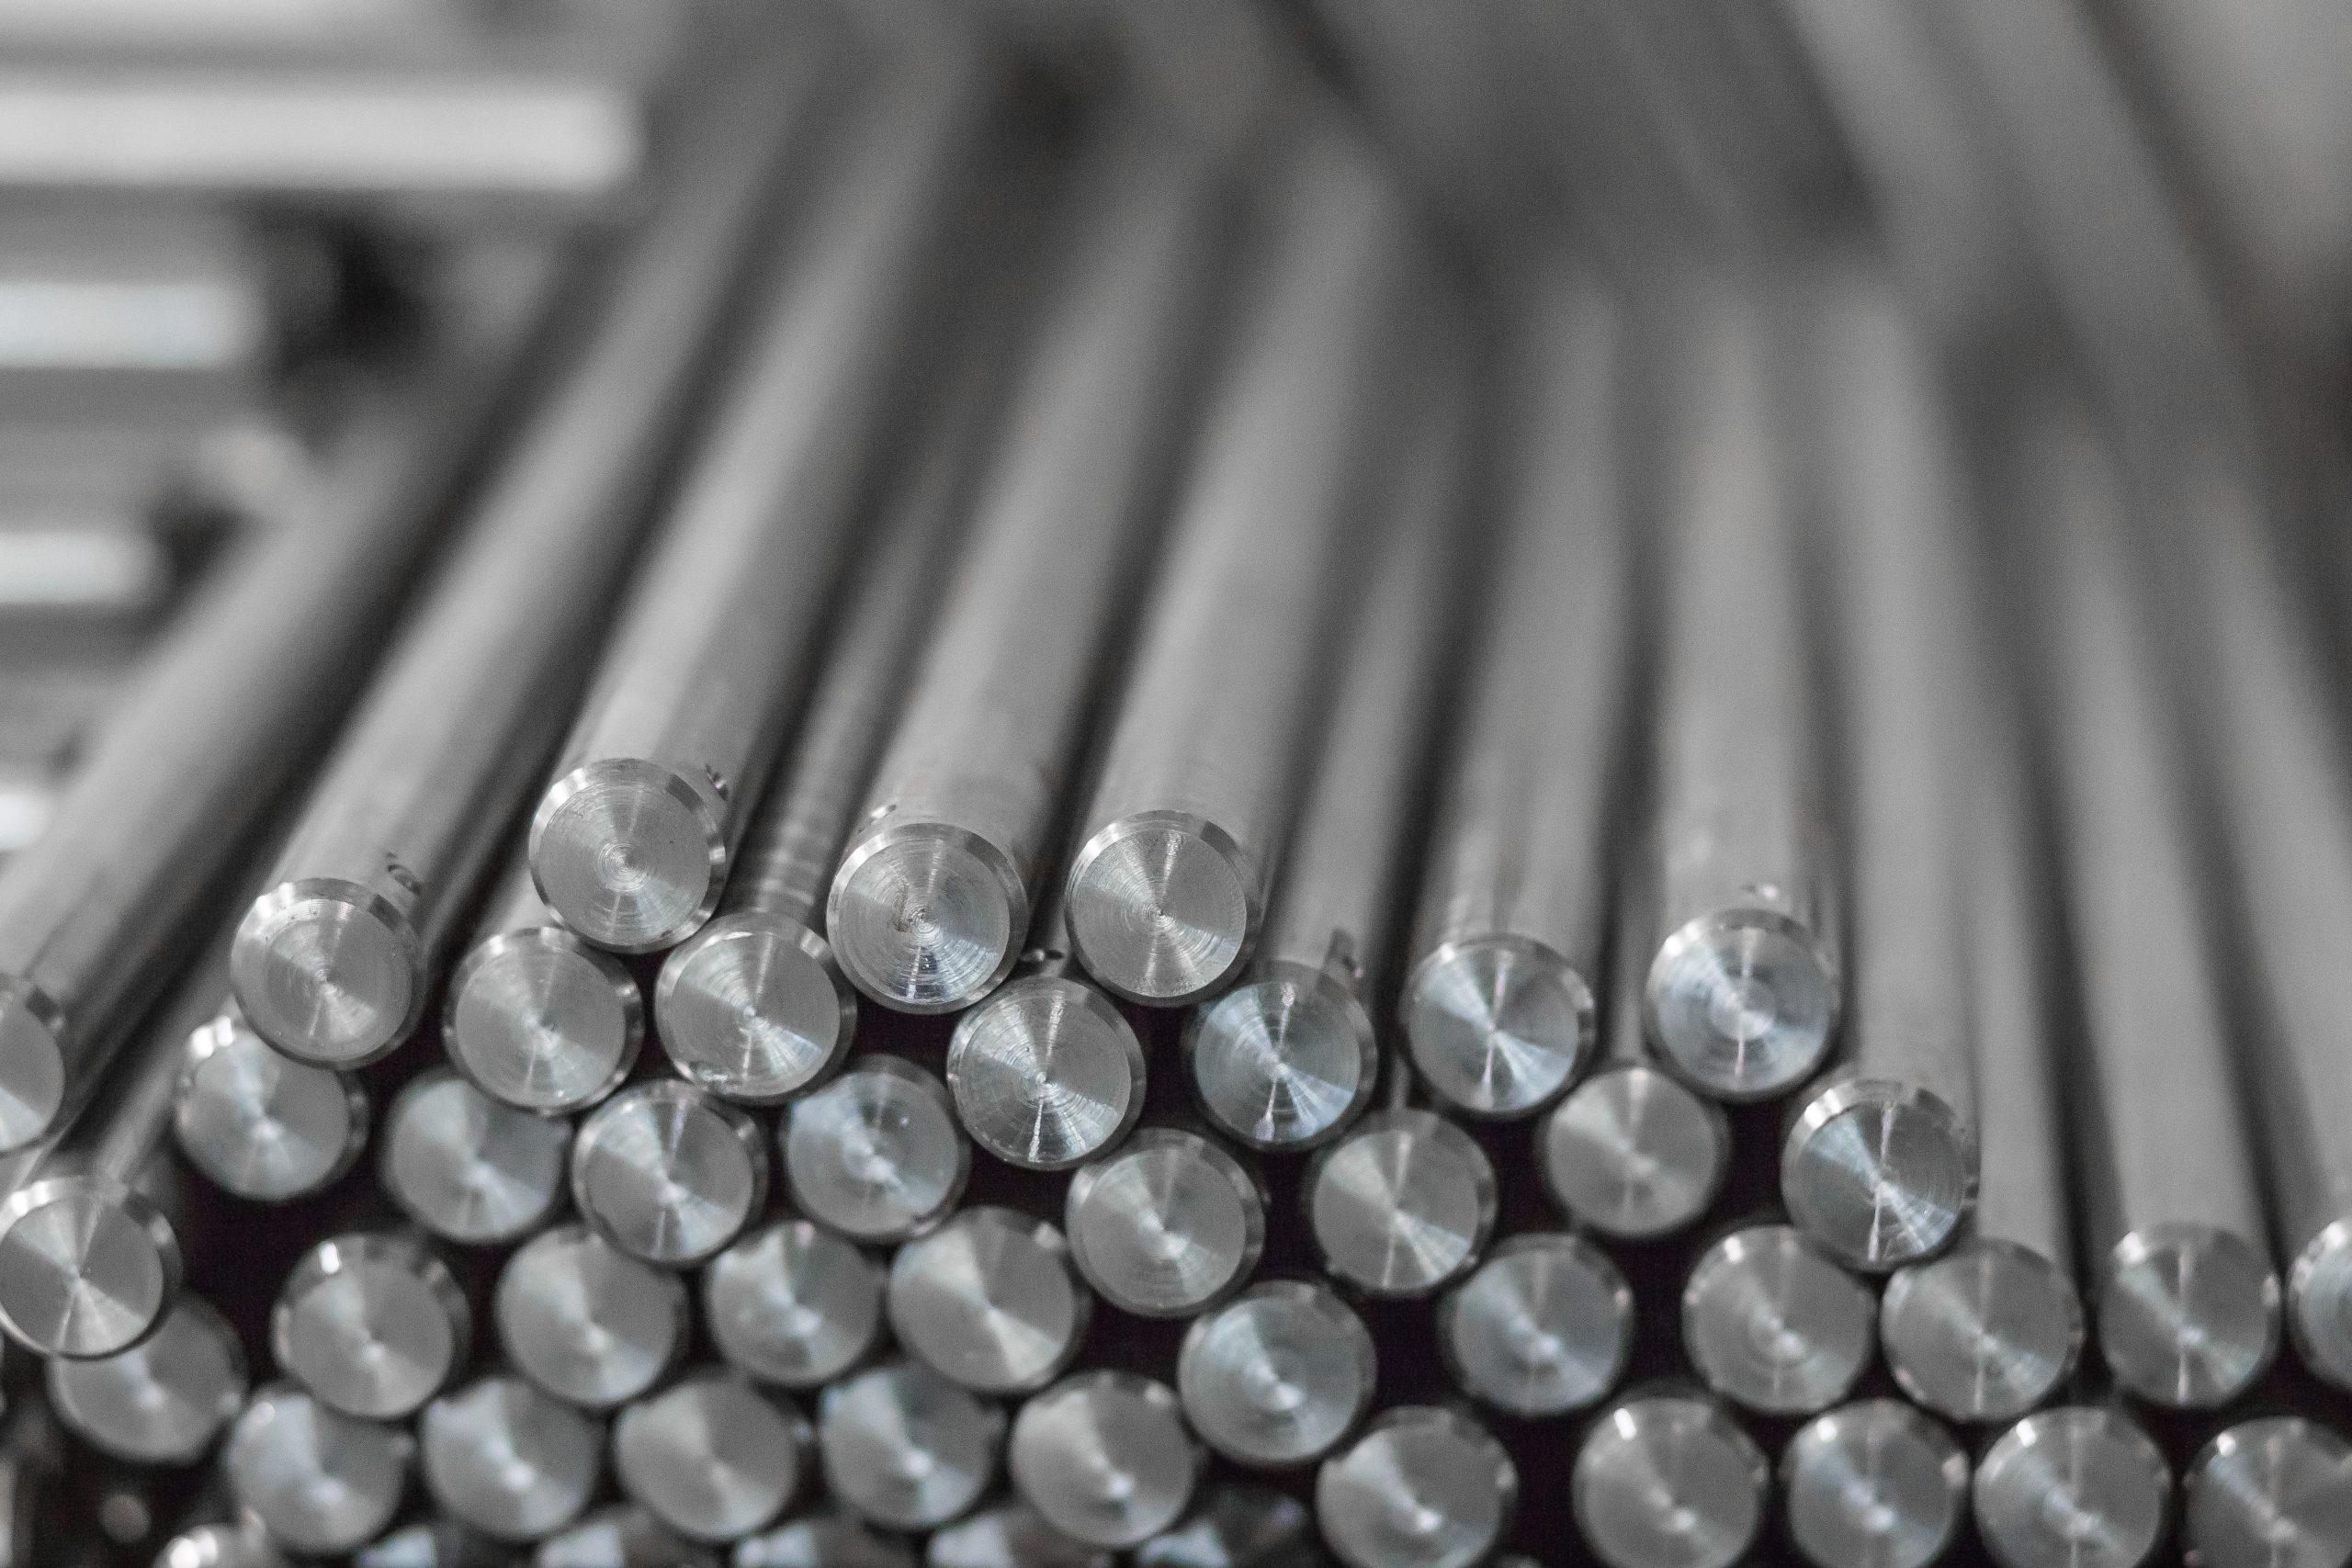 metal bars, chrome plated